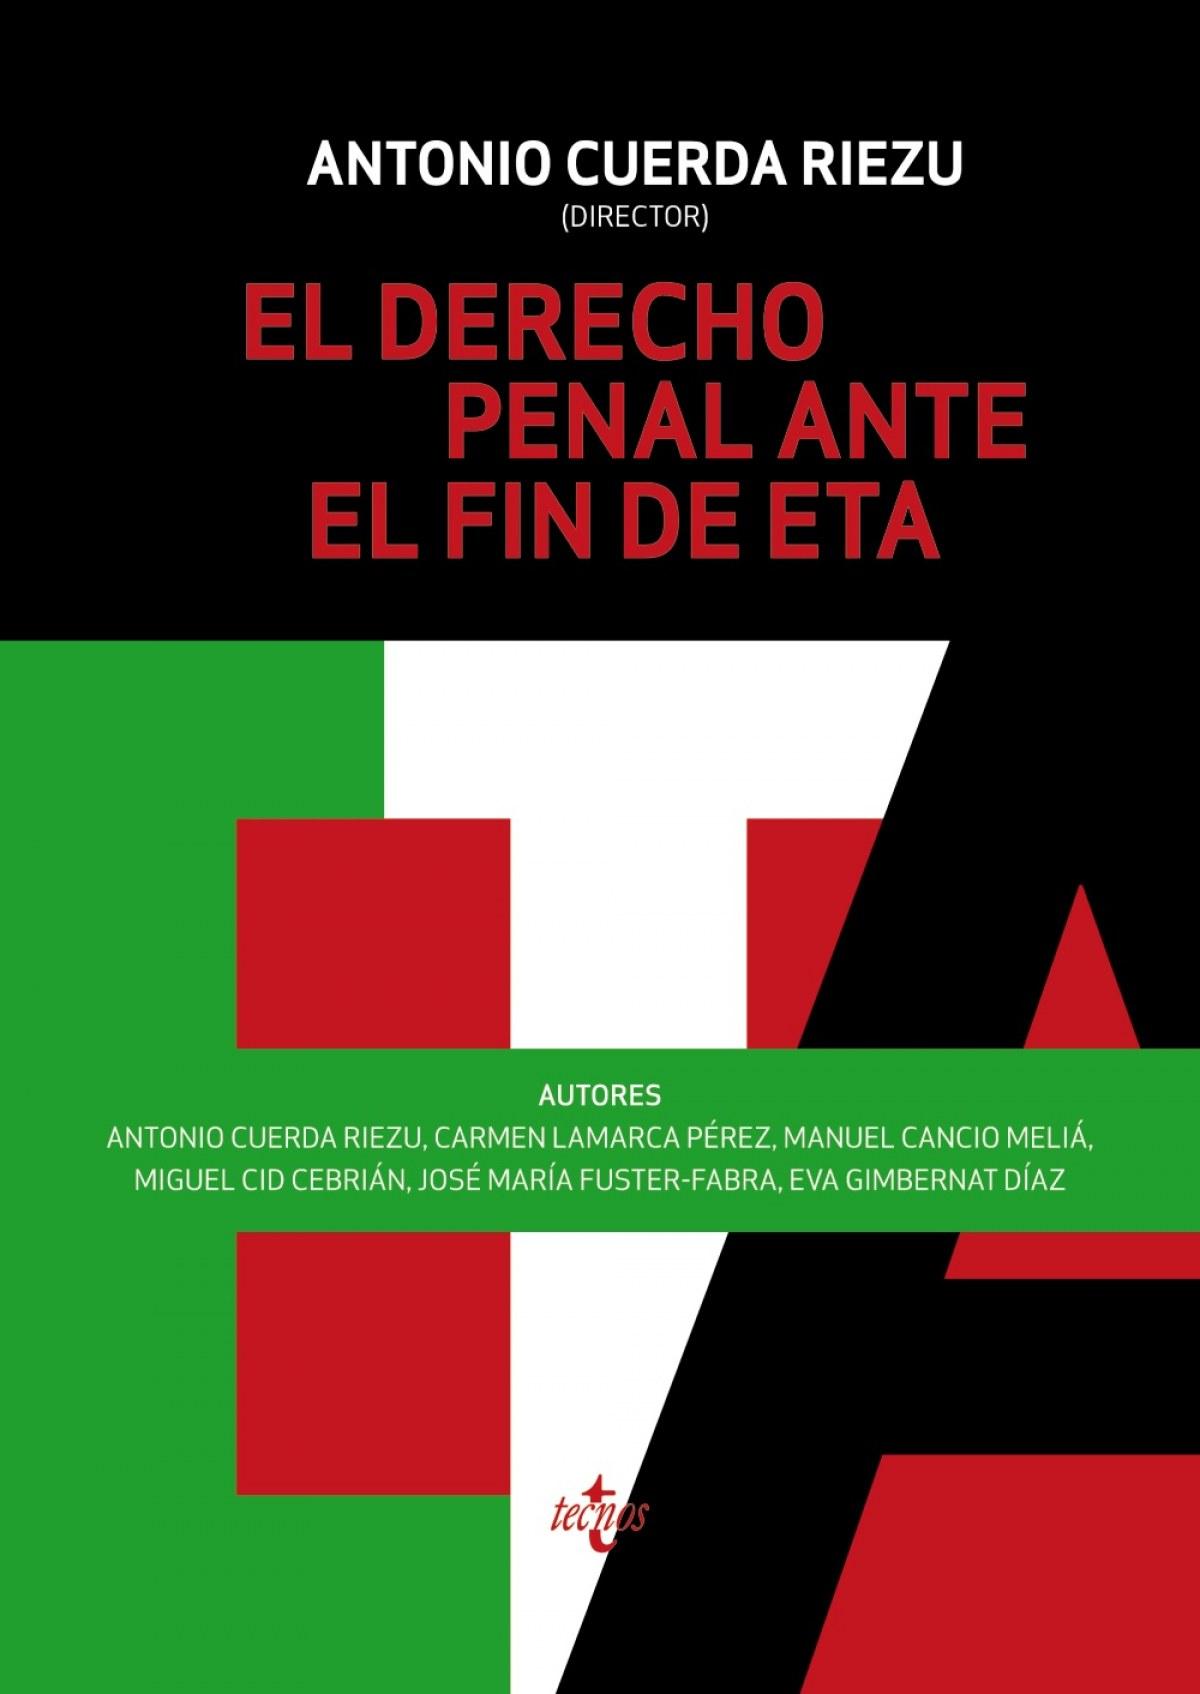 EL DERECHO PENAL ANTE EL FIN DE ETA 2016